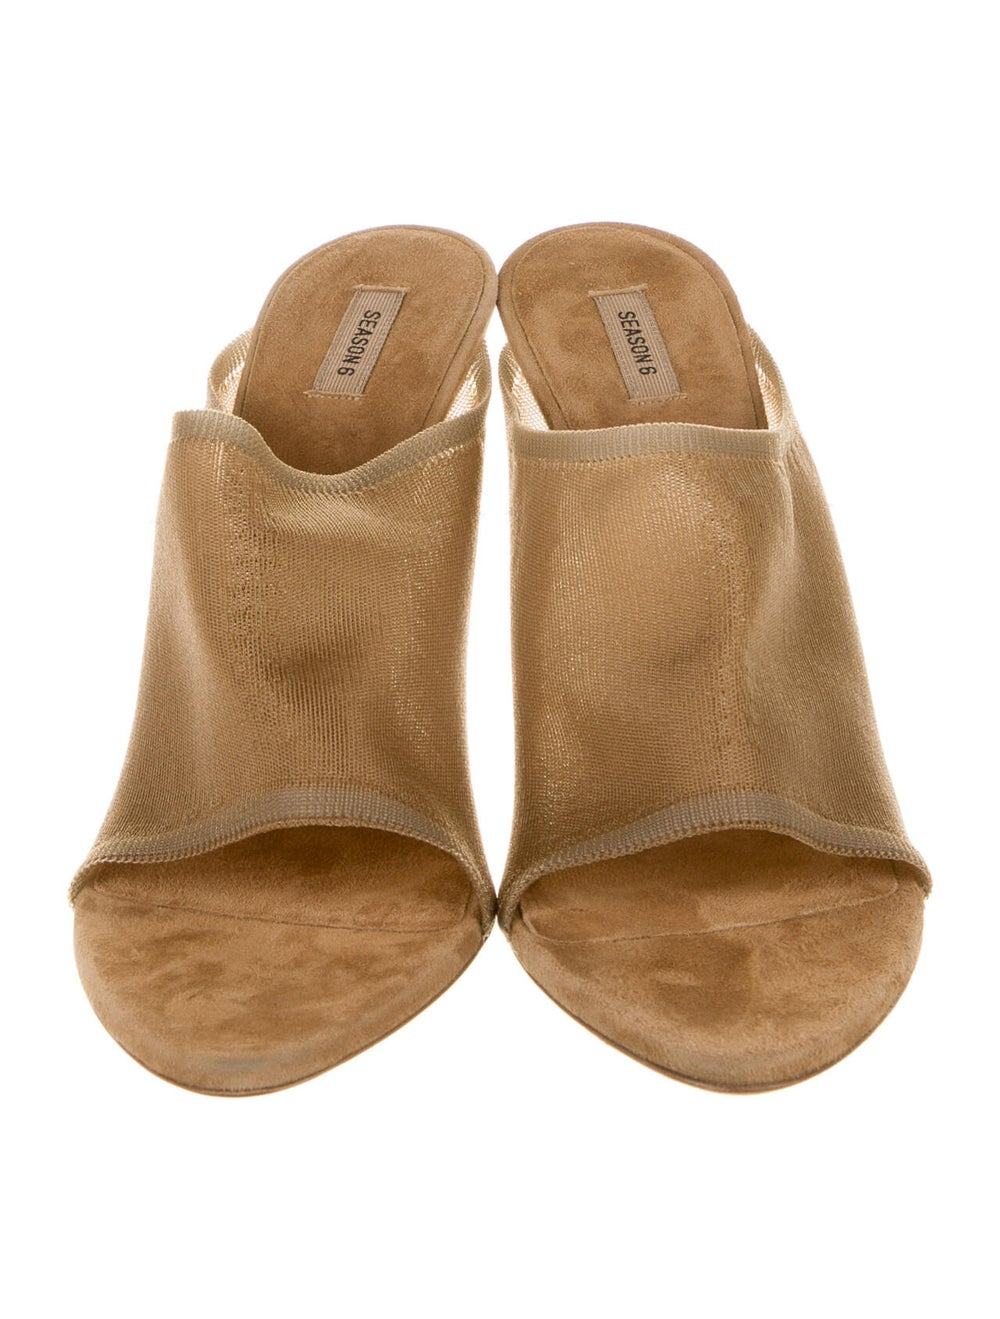 Yeezy Season 6 Sandals - image 3